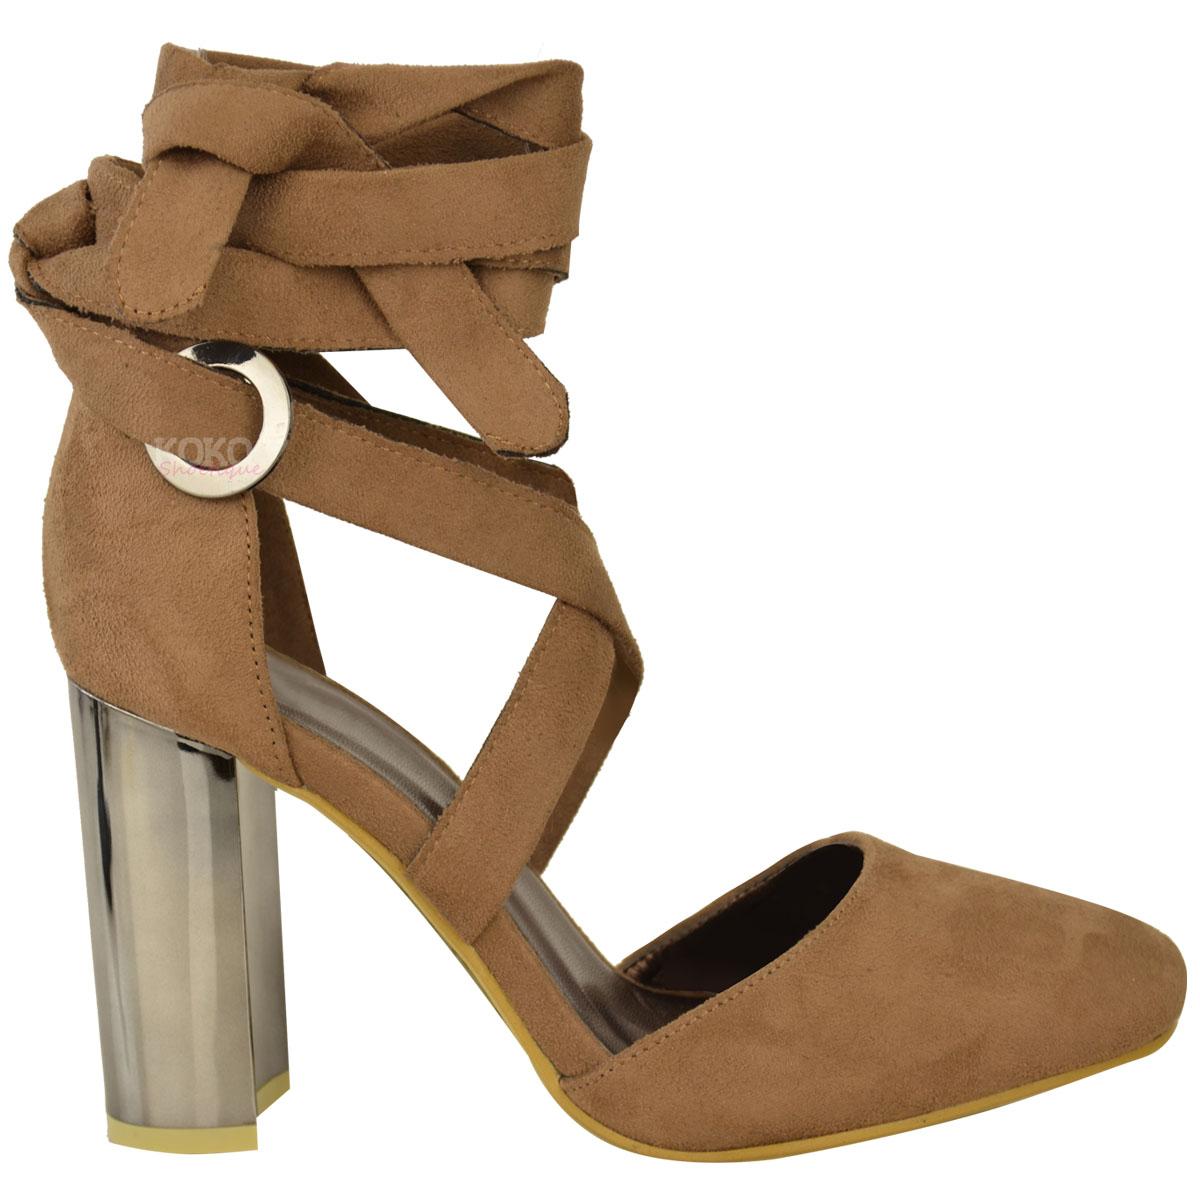 New Womens Ladies Block High Heel Ankle Tie Wrap Closed ...